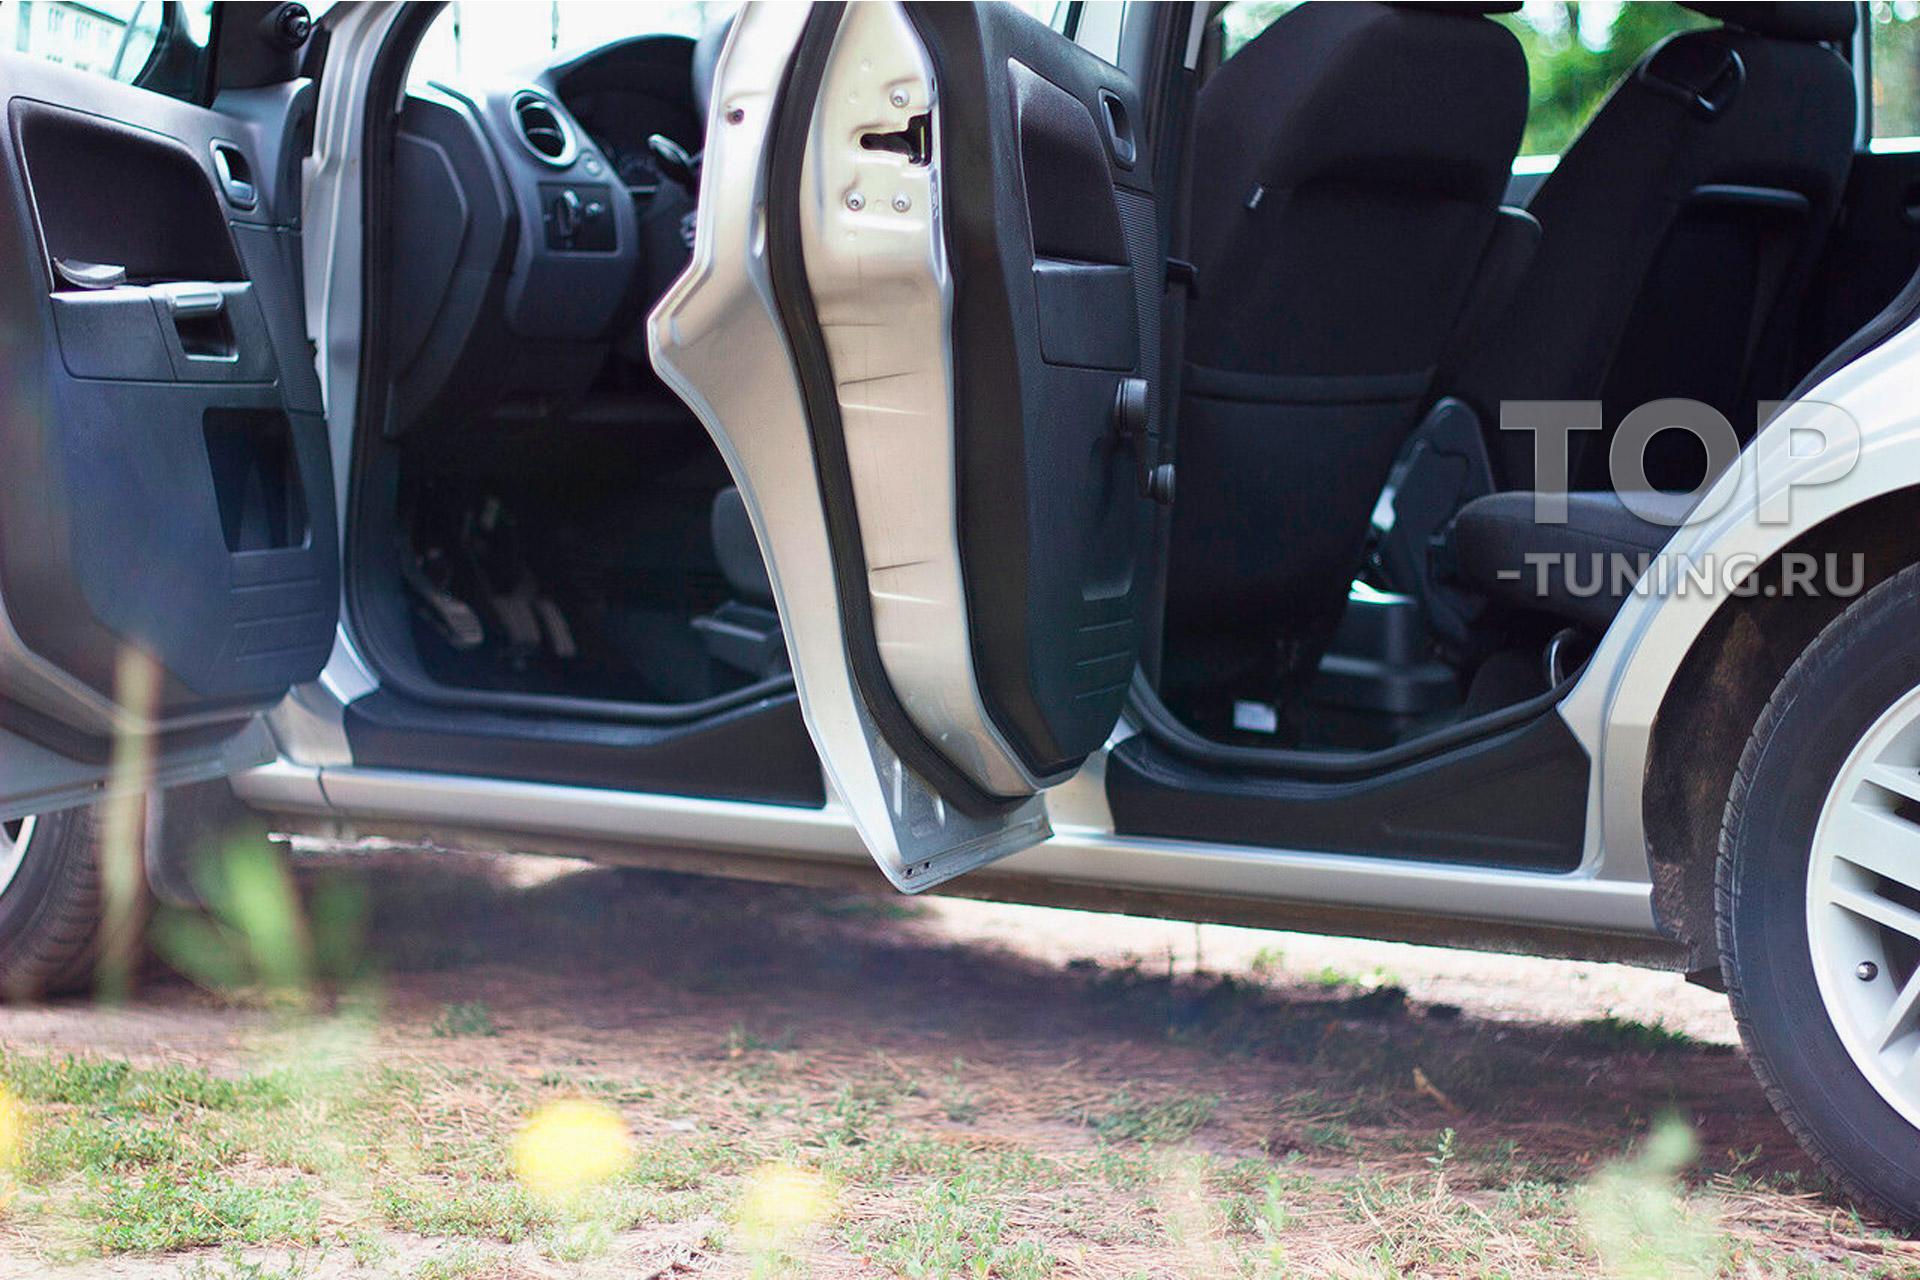 Защитные накладки на пороги в салон Форд Фьюжн купить